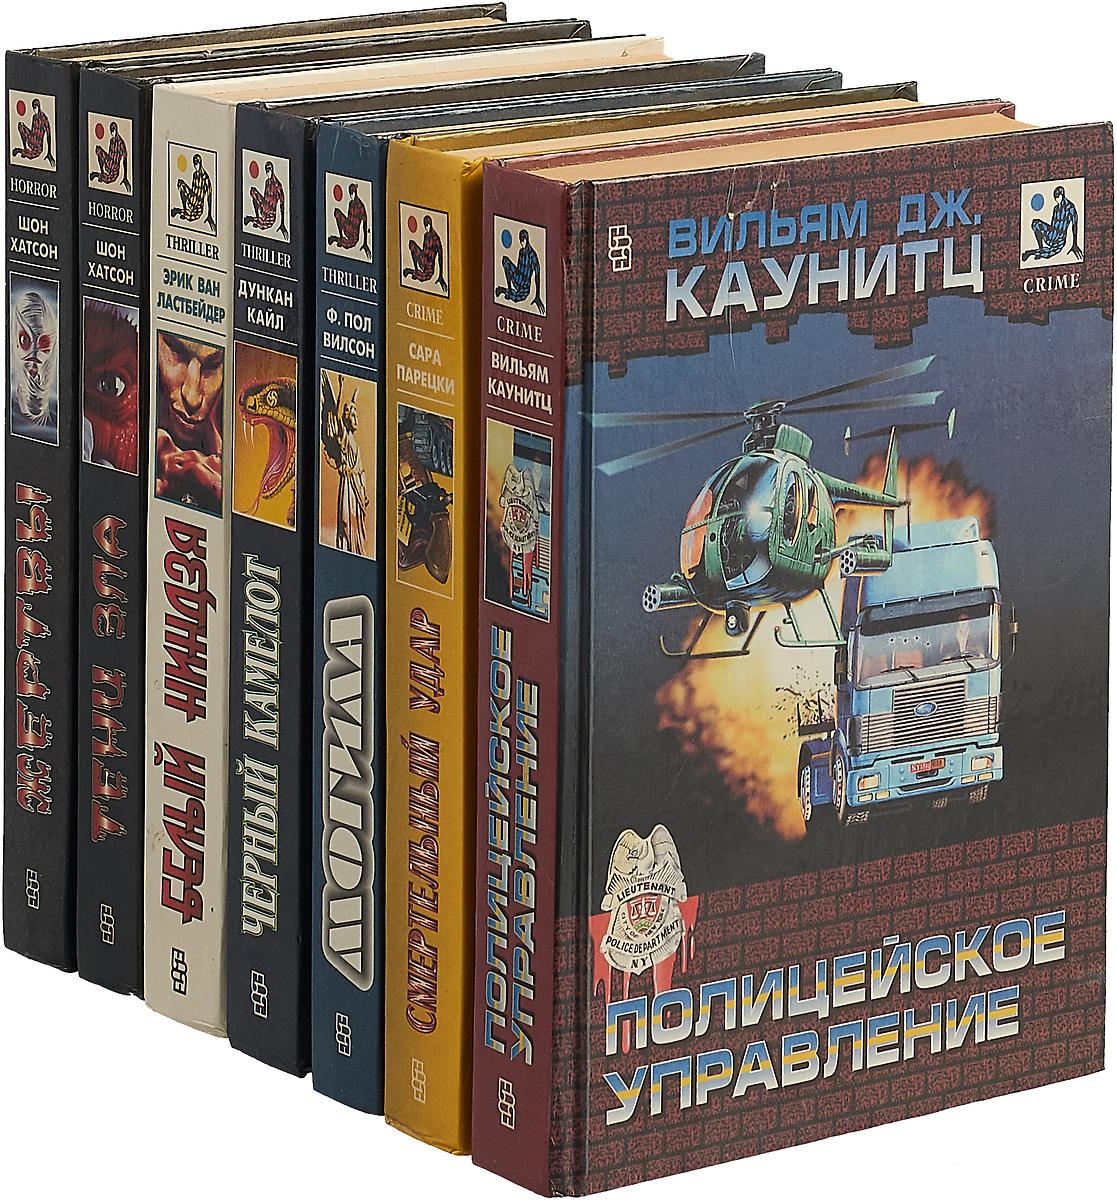 Серия Галерея мистики (комплект из 7 книг) серия мастера остросюжетной мистики комплект из 15 книг